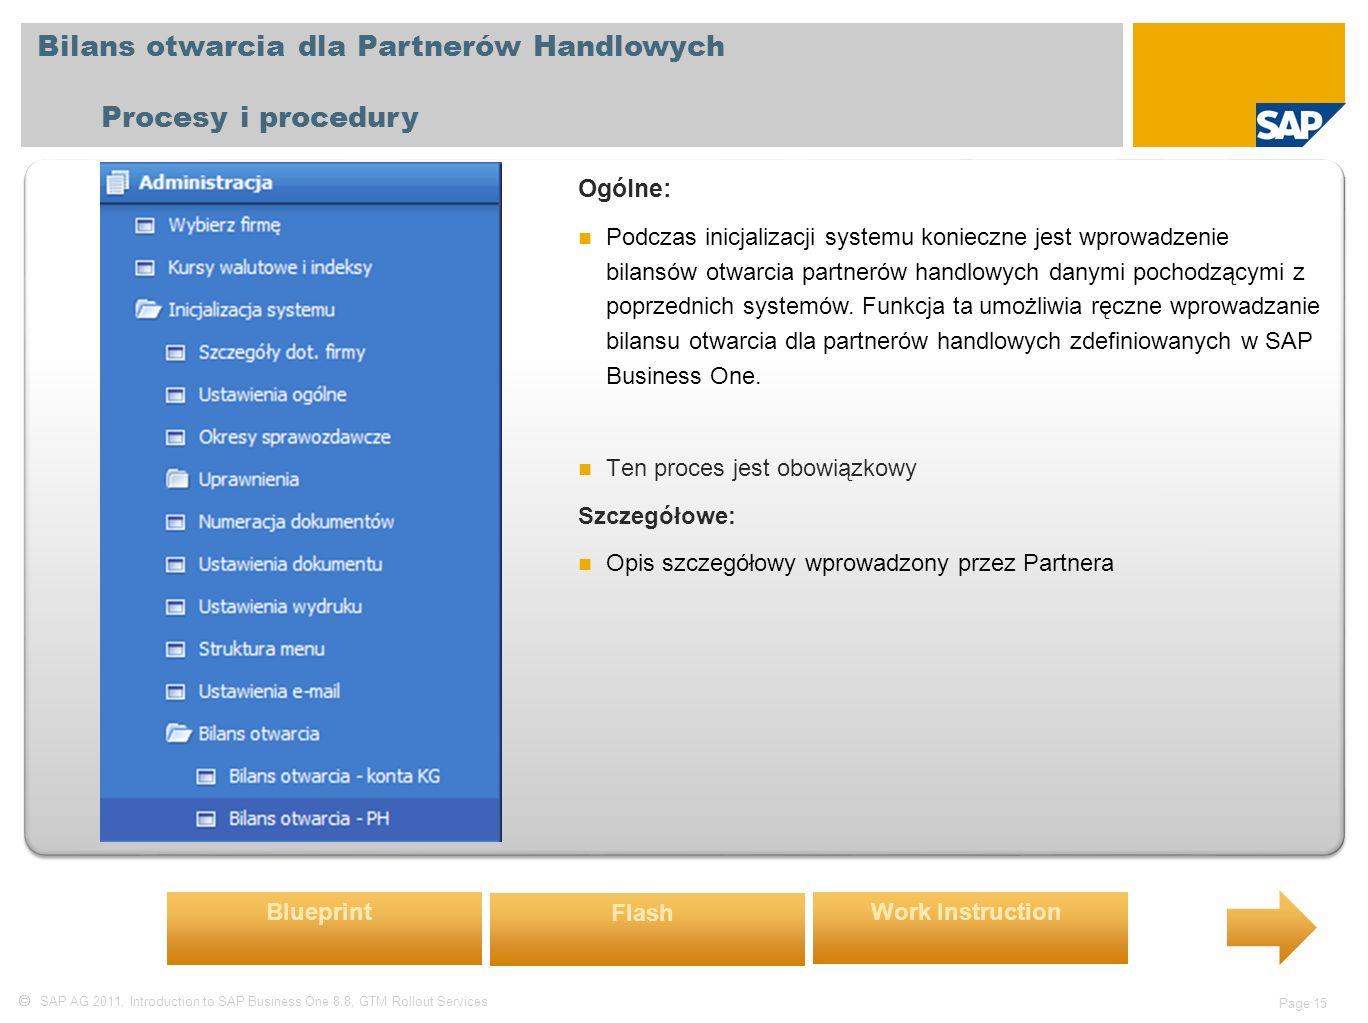  SAP AG 2011, Introduction to SAP Business One 8.8, GTM Rollout Services Page 15 Bilans otwarcia dla Partnerów Handlowych Procesy i procedury Ogólne: Podczas inicjalizacji systemu konieczne jest wprowadzenie bilansów otwarcia partnerów handlowych danymi pochodzącymi z poprzednich systemów.